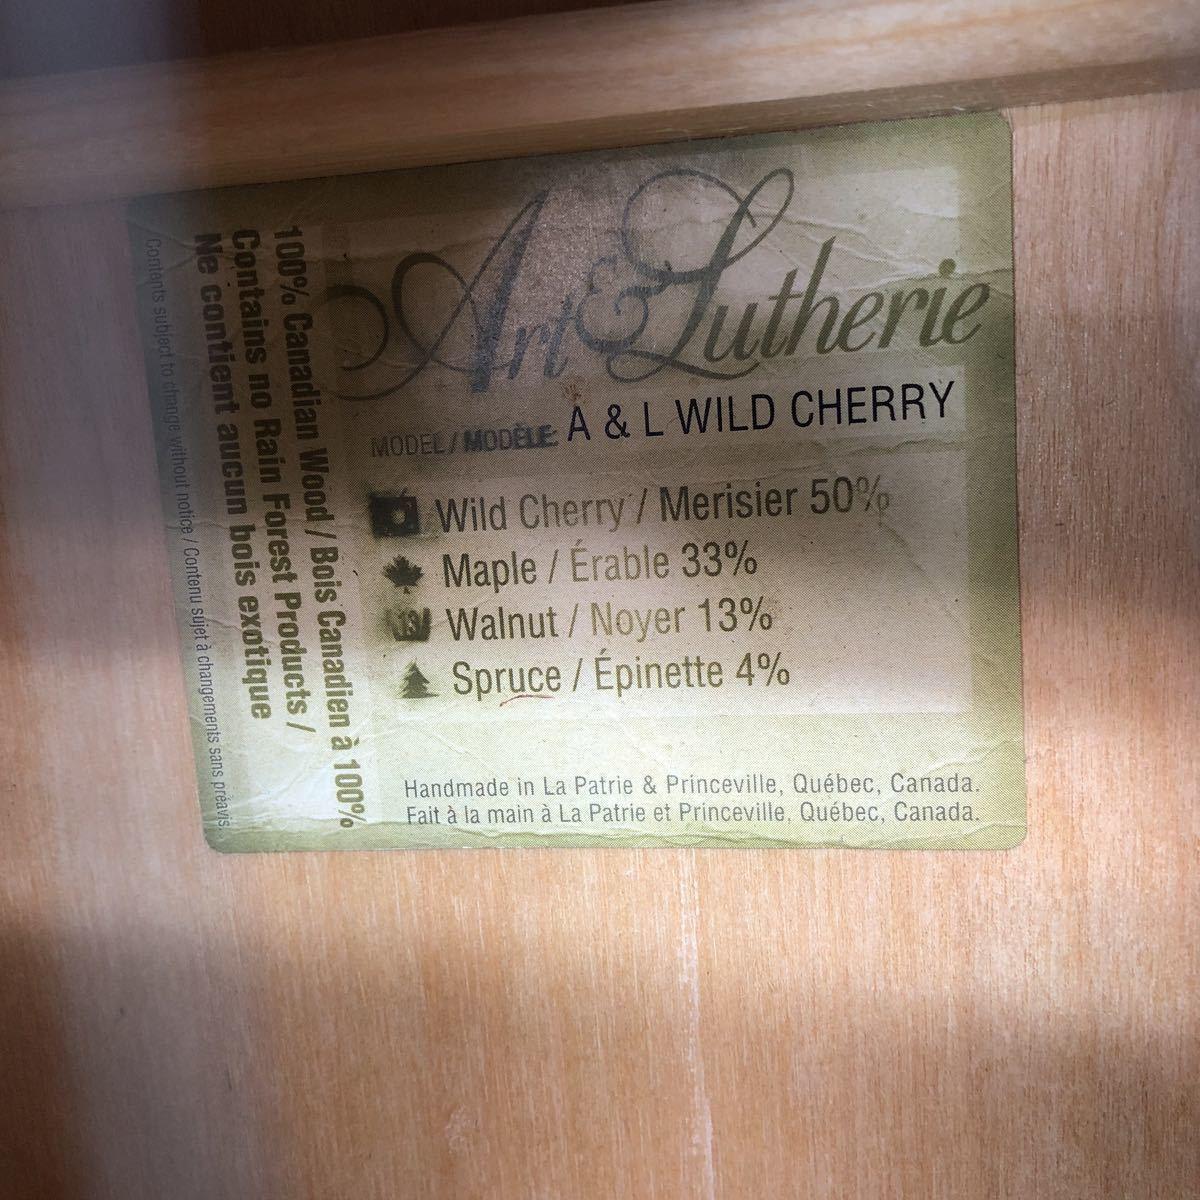 佐17/1円スタート! 美品! Art & Lutherie アート&ルシアー アコースティックギター MODEL:A&L WiLD CHERRY 97485417 ハンドメイド CANADA_画像9